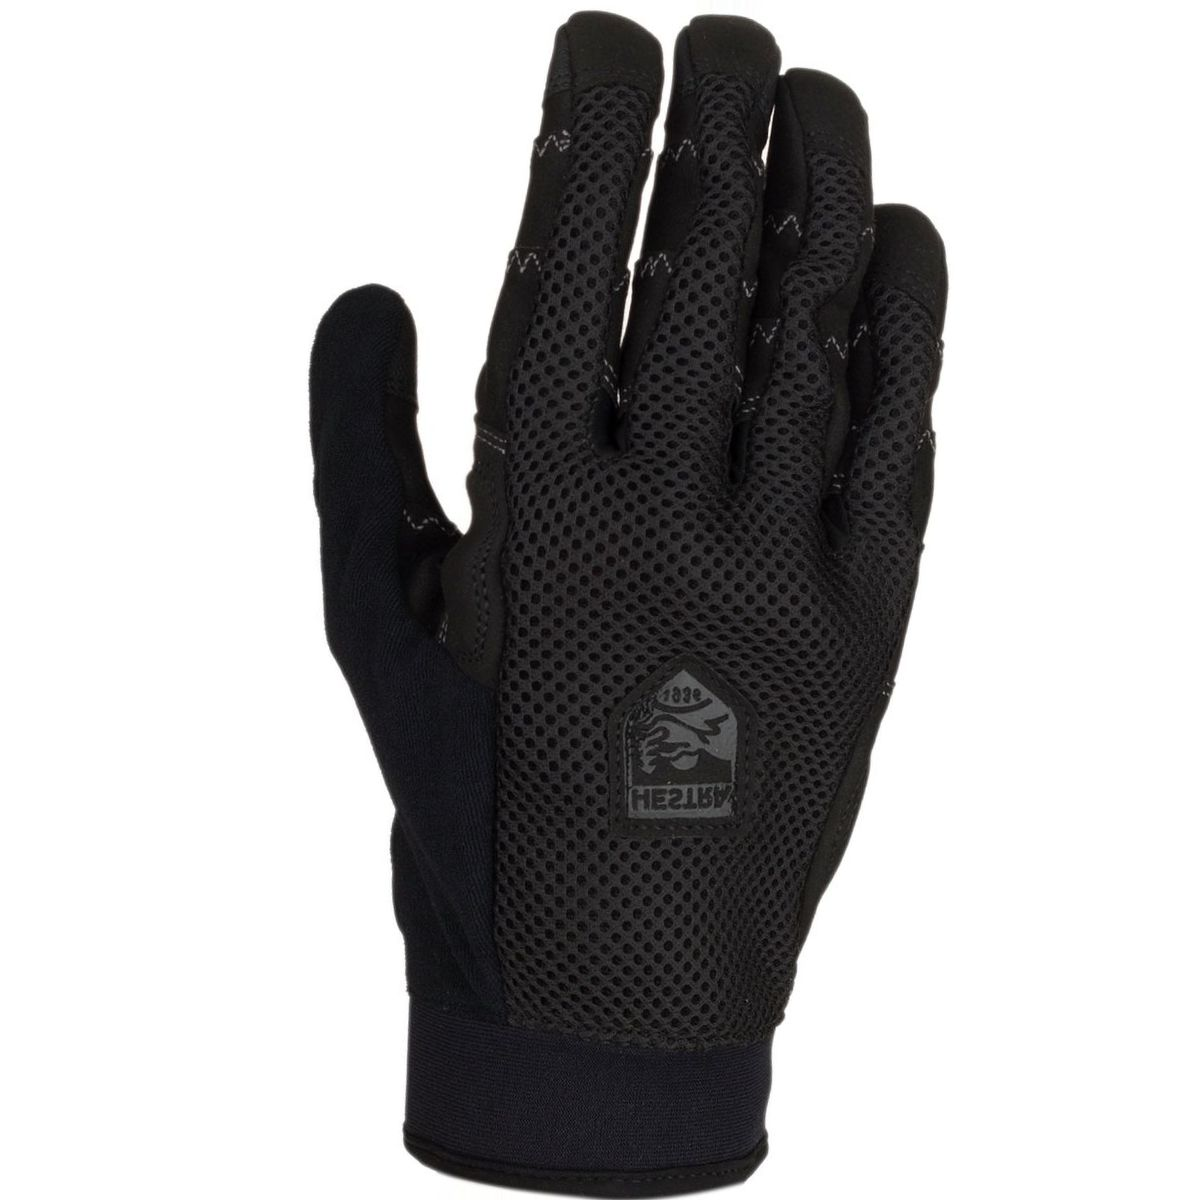 Hestra Ergo Grip Enduro Glove - Men's